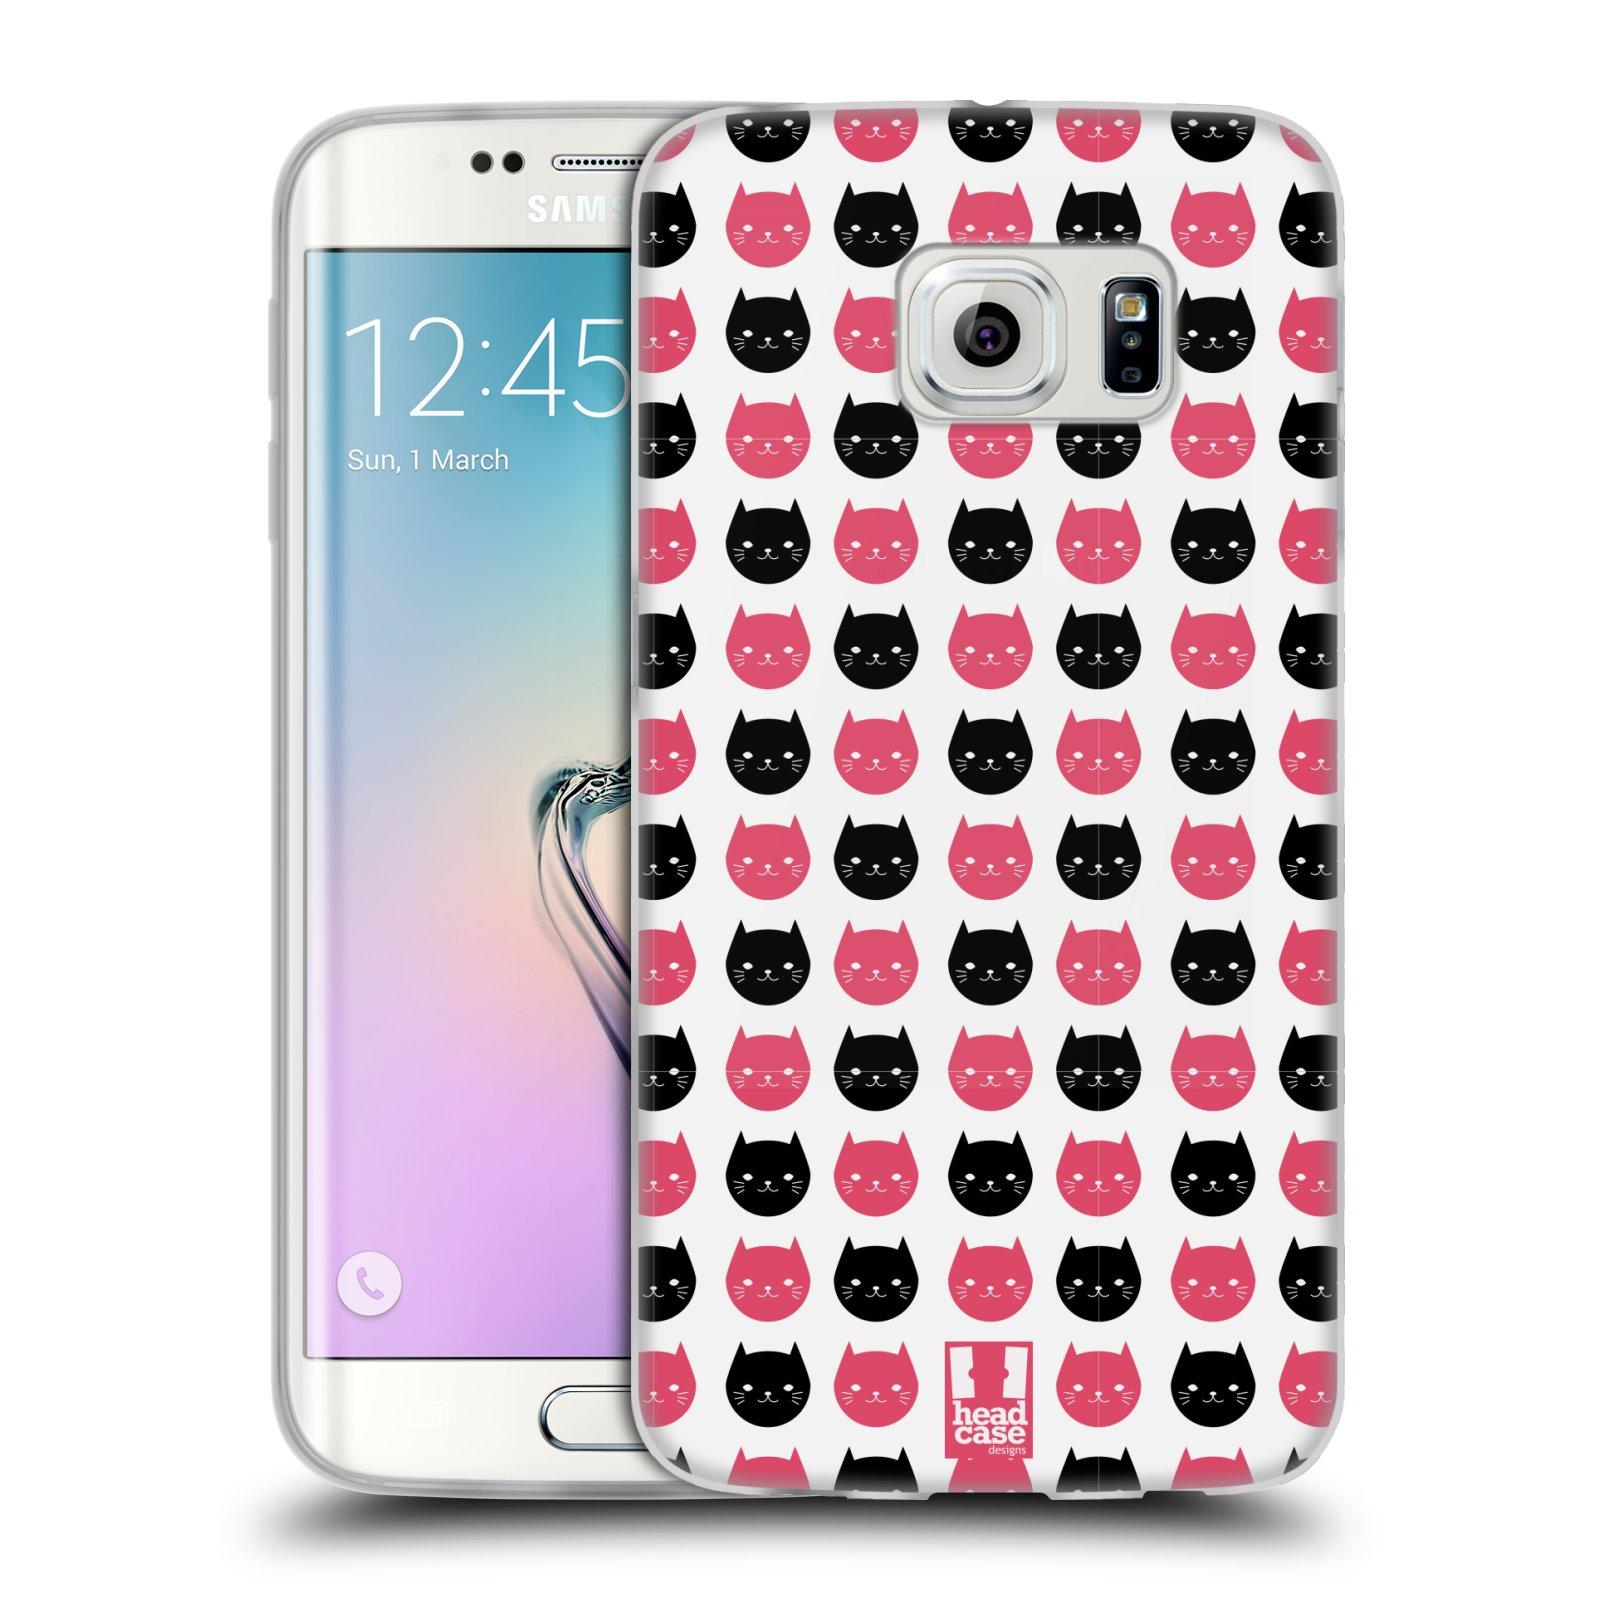 Silikonové pouzdro na mobil Samsung Galaxy S6 Edge HEAD CASE KOČKY Black and Pink (Silikonový kryt či obal na mobilní telefon Samsung Galaxy S6 Edge SM-G925F)